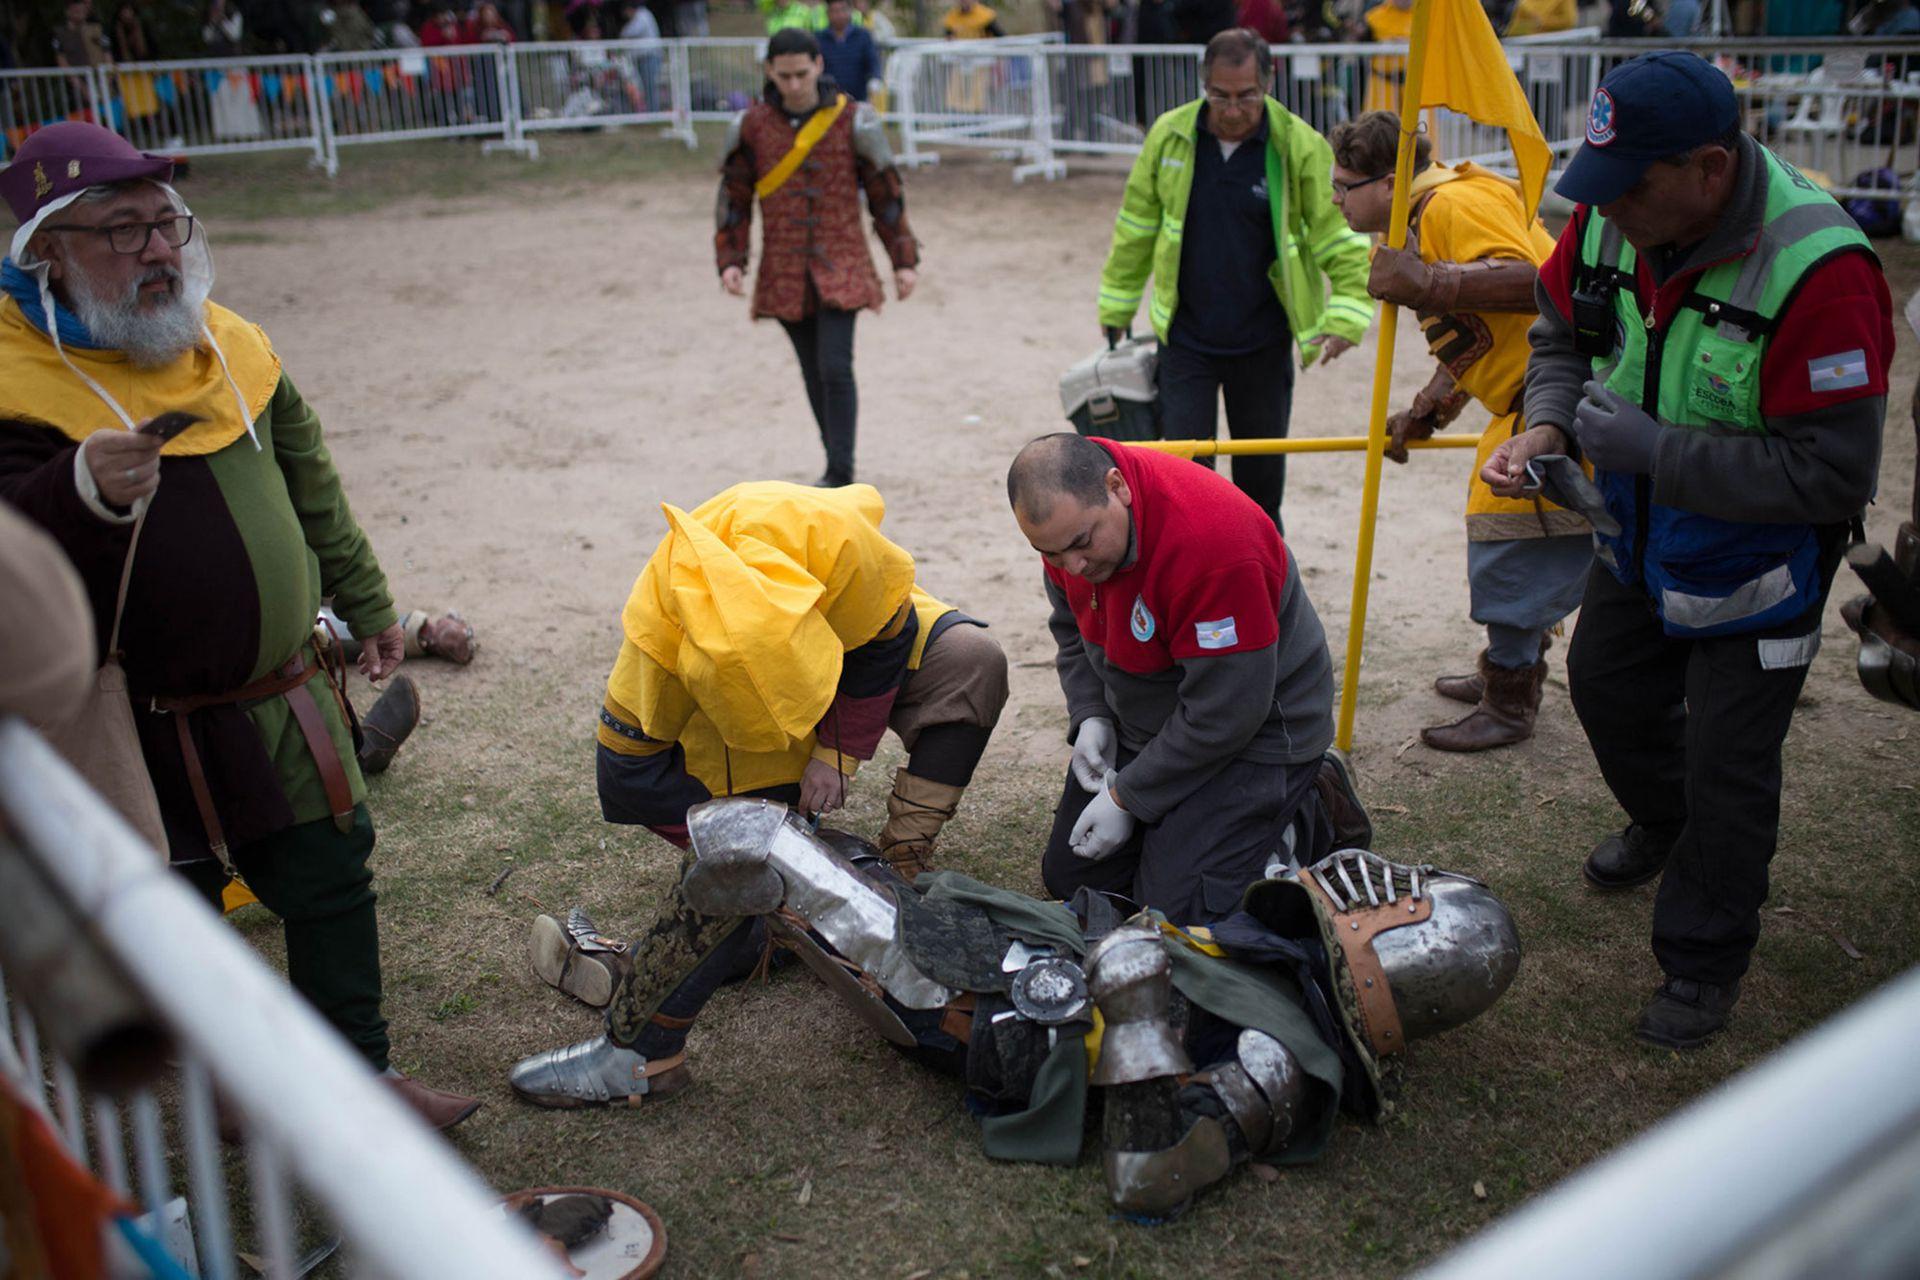 Las heridas son moneda corriente, especialmente en los mundiales; foto: evento medieval en Buenos Aires, 2019